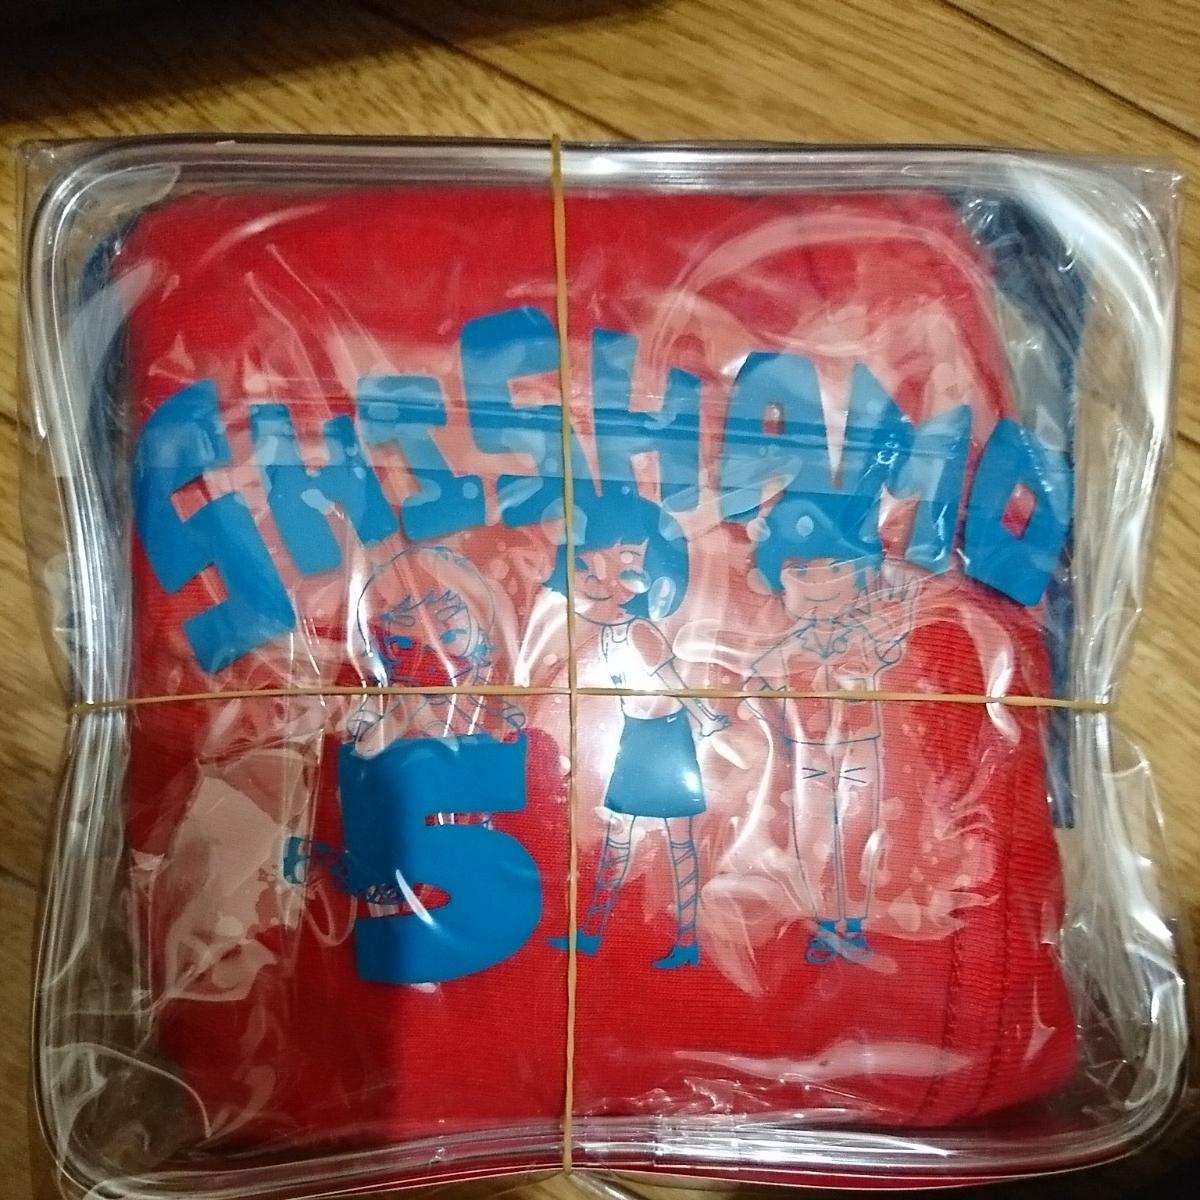 [新品未開封] SHISHAMO 5 NO SPECIAL BOX(完全生産限定盤)(グッズ付:Tシャツ+ビニールポーチ) Limited Edition